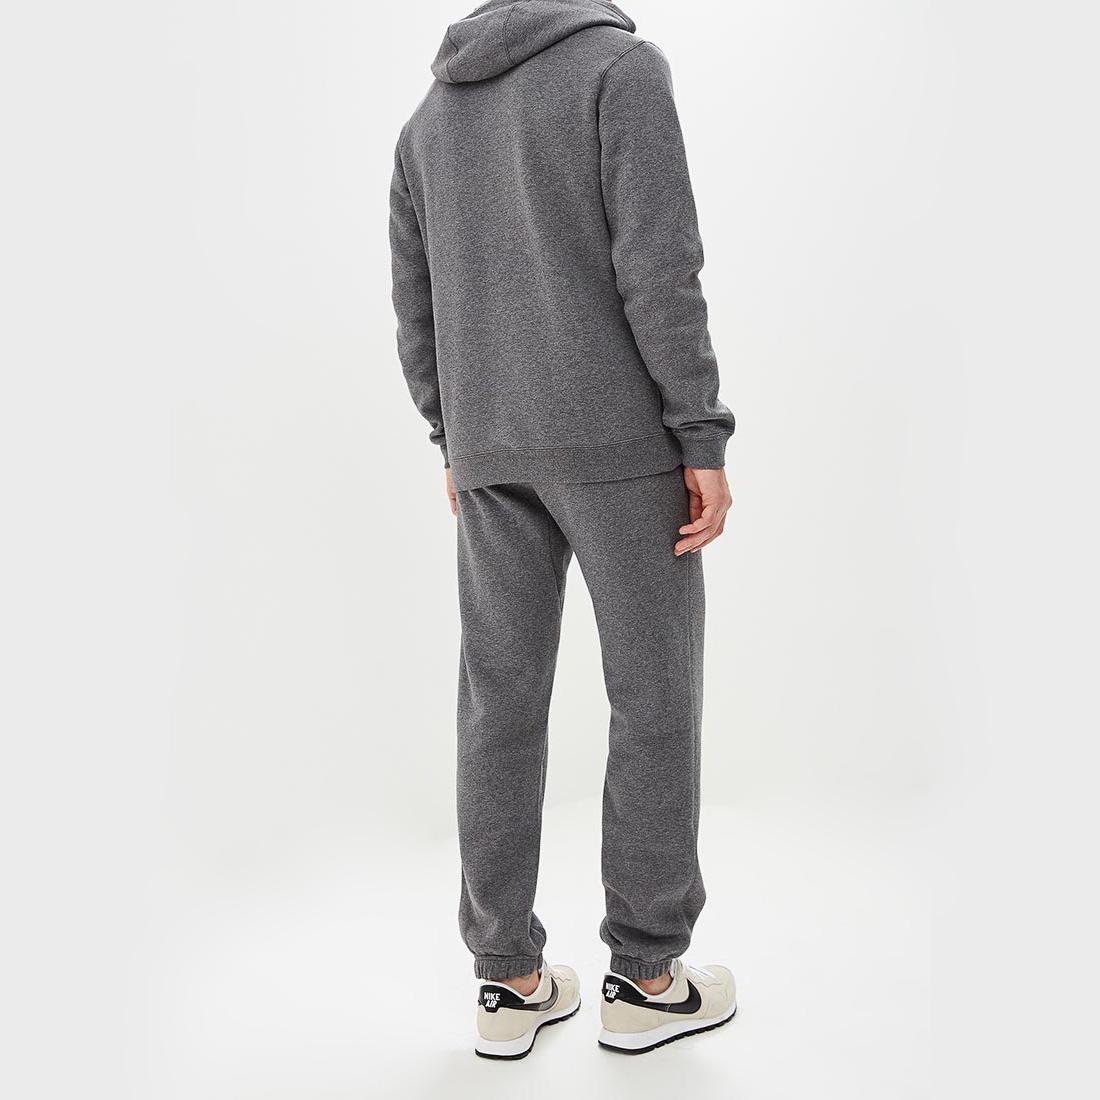 e768328a Спортивный костюм nike M NSW TRK SUIT FLC GX AR1341-071 купить за 6 539 руб  в интернет-магазин dealsport.ru